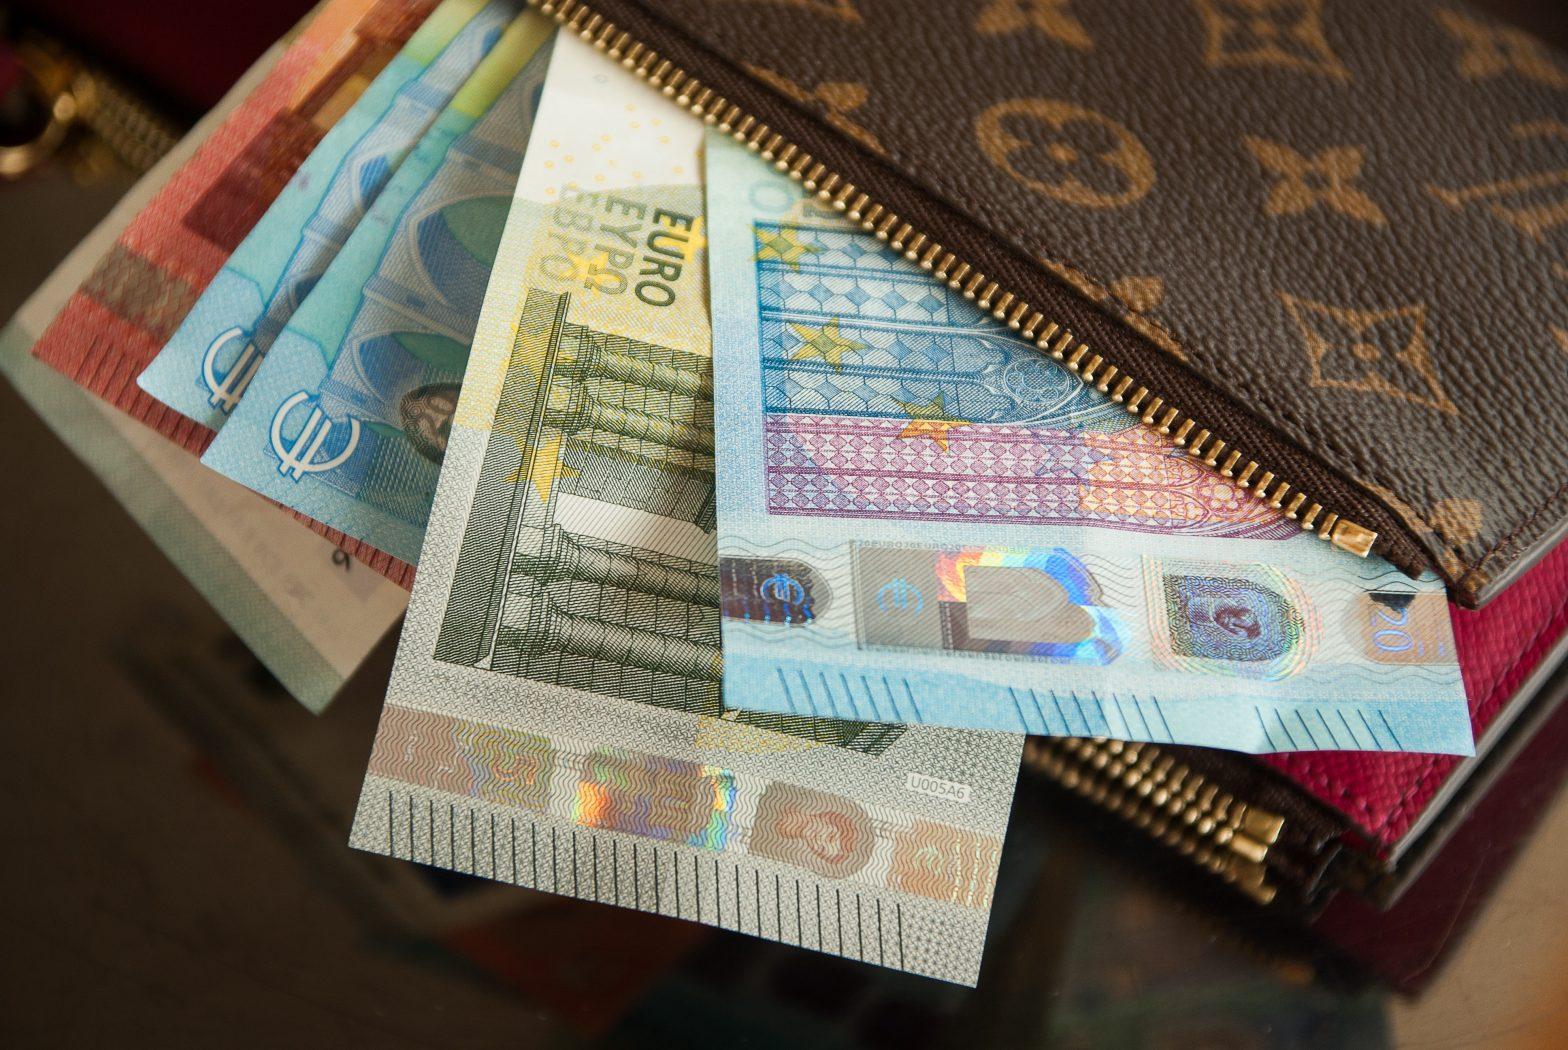 Comment encaisser un chèque ou du cash dans une banque en ligne